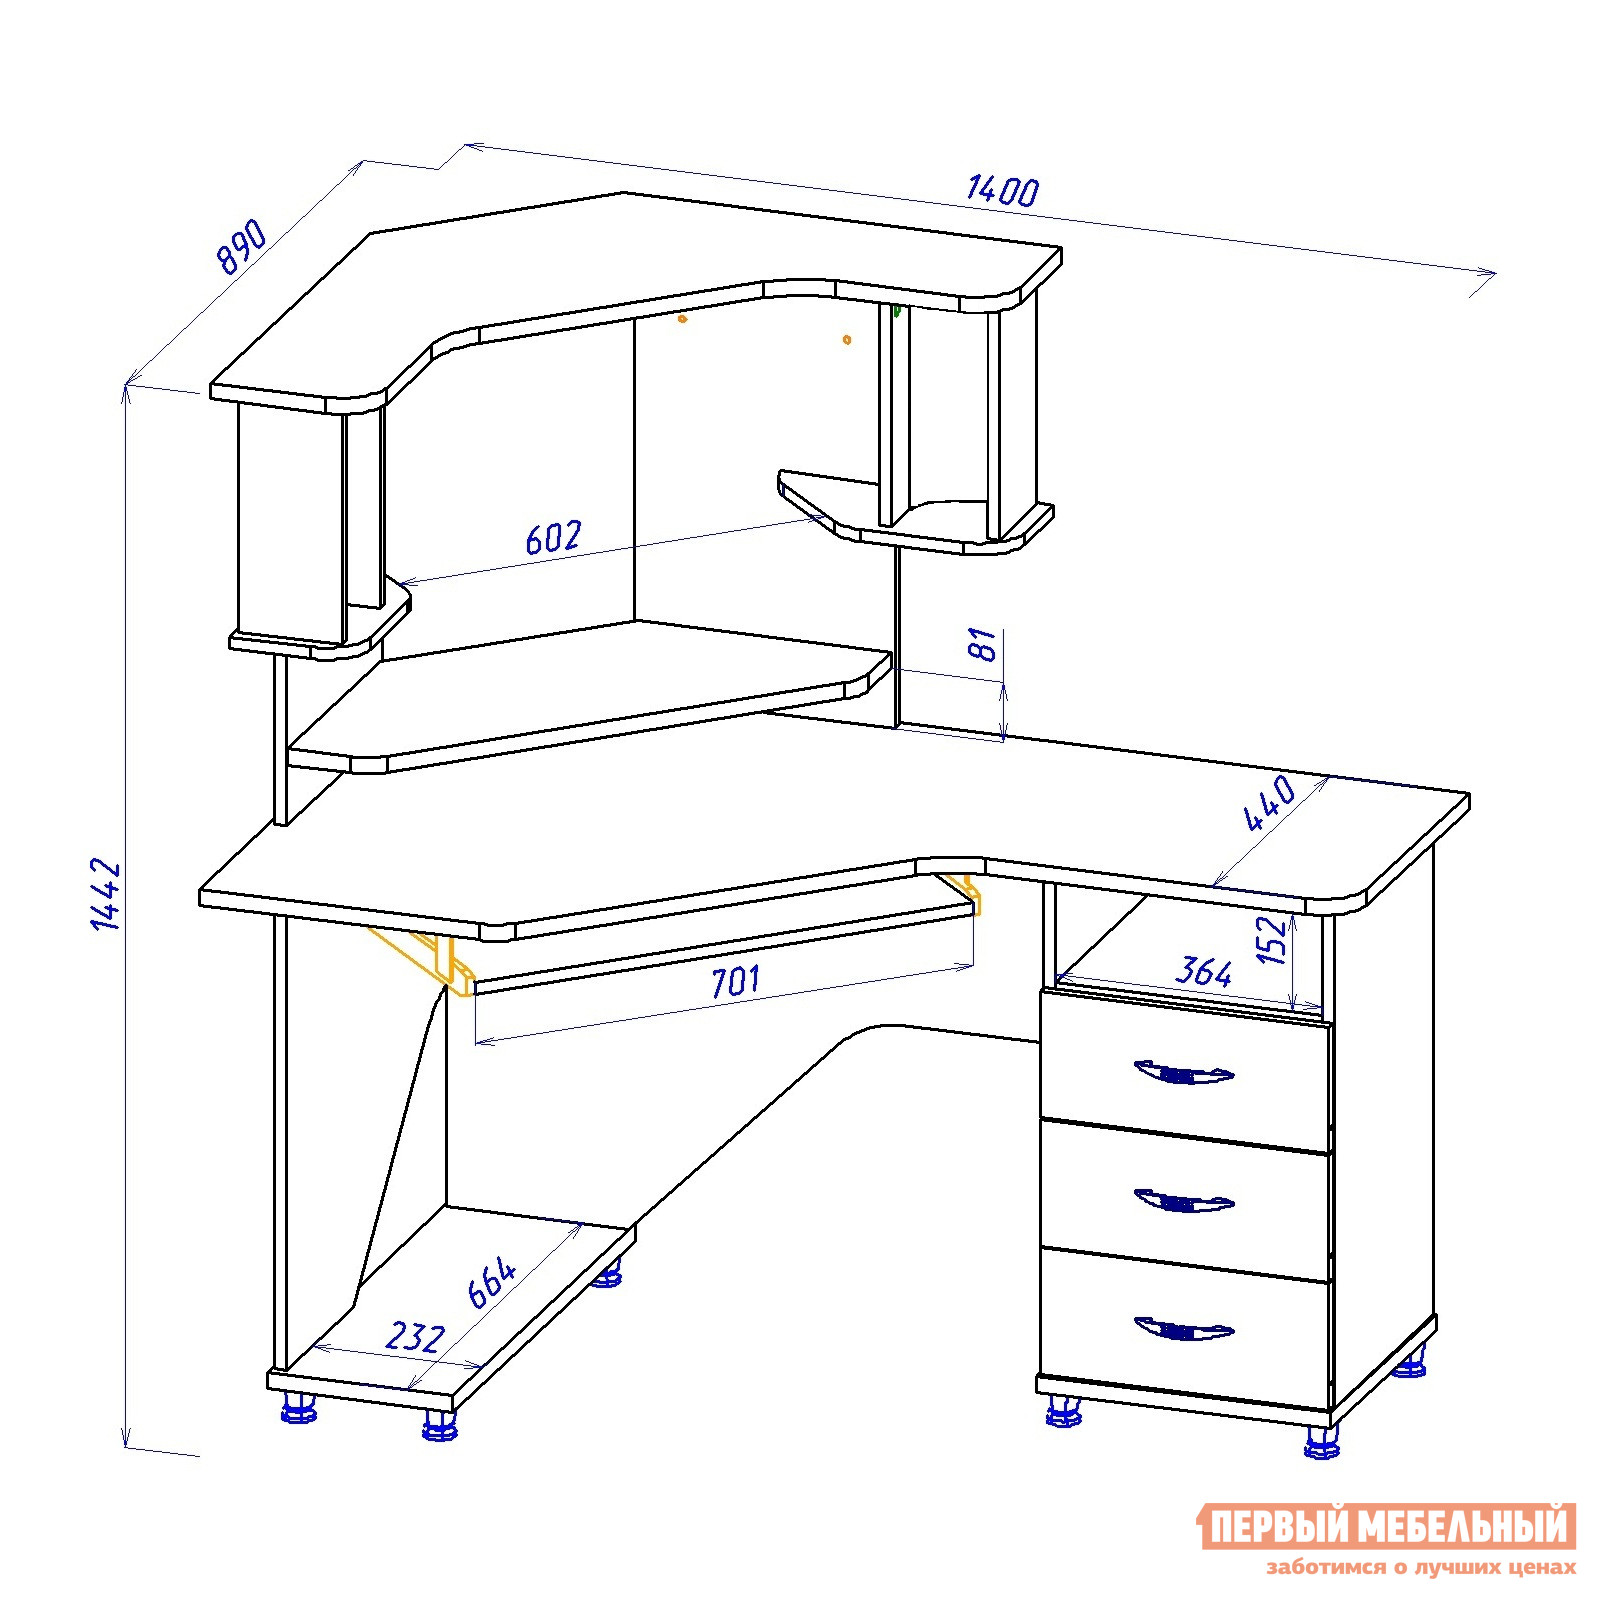 Угловой компьютерный стол кс 20-17 м2 - угловой компьютерный.